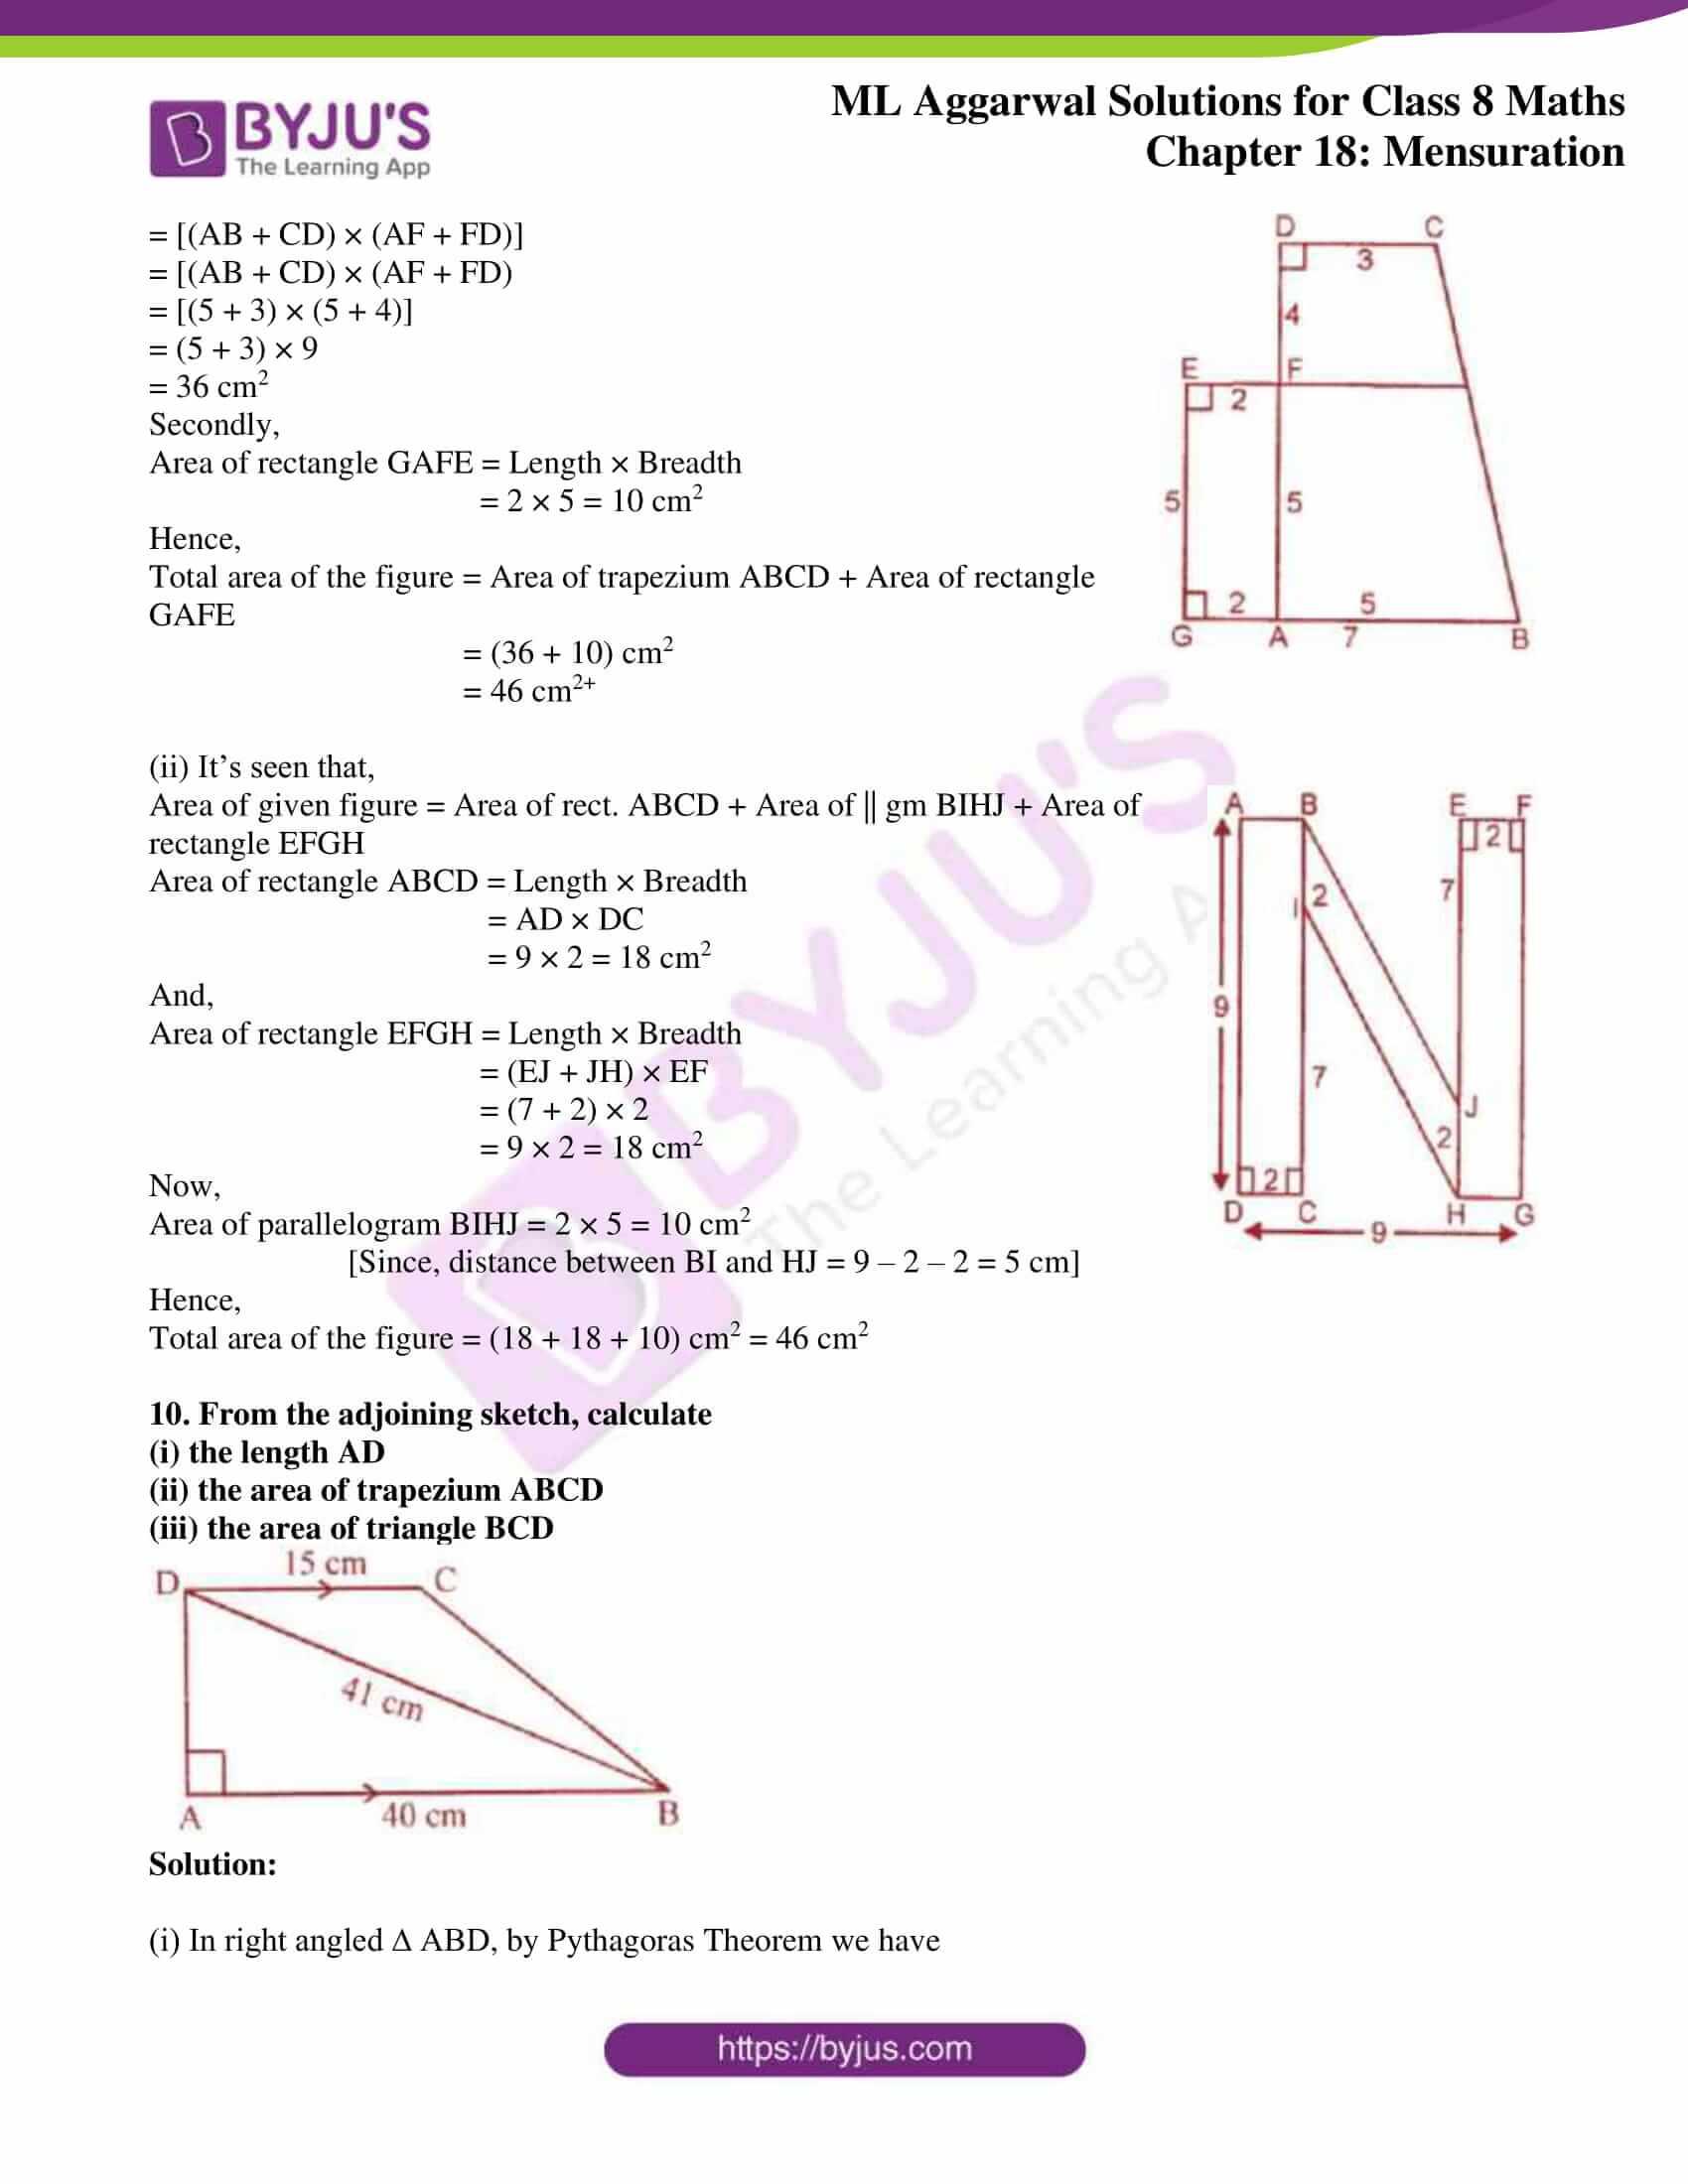 ml aggarwal sol mathematics class 8 ch 18 12